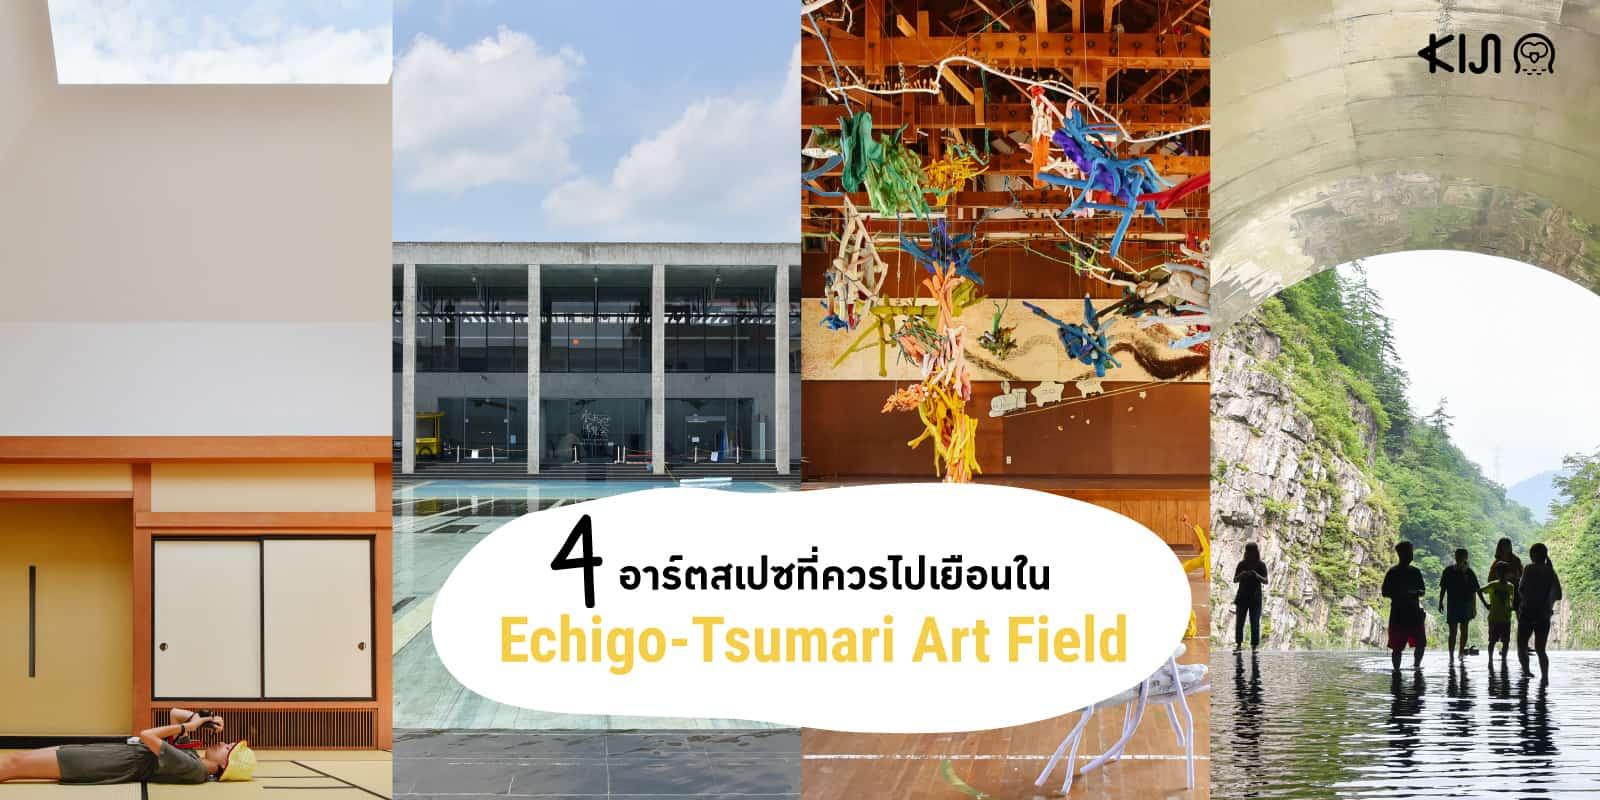 Echigo-Tsumari Art Field จ.นีงาตะ (Niigata)